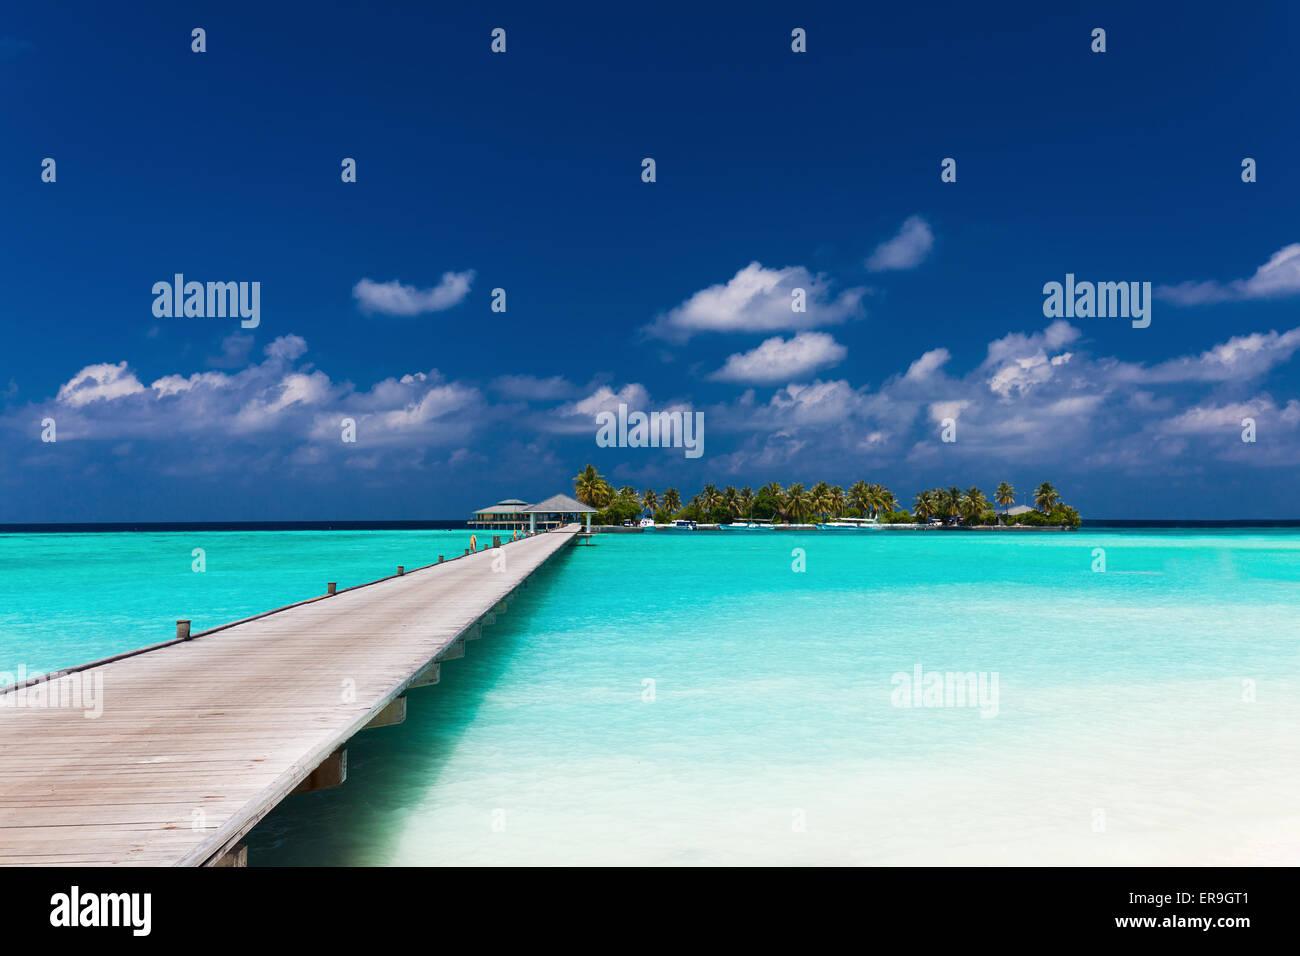 Pontile in legno per un'isola tropicale più incredibile laguna delle Maldive Immagini Stock